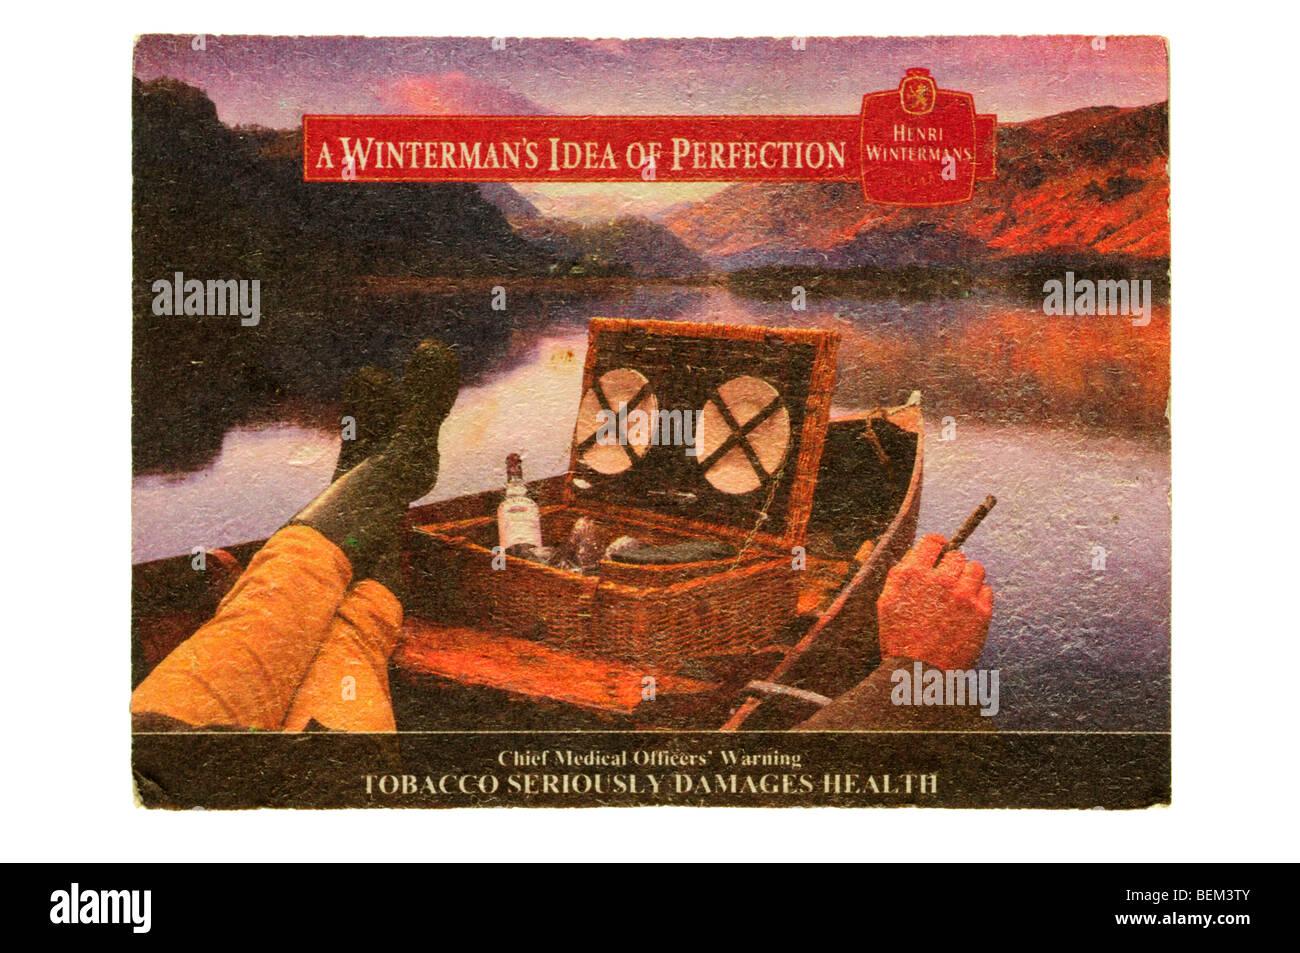 eine Wintermans Vorstellung von Perfektion Henri Winterman Tabak Stockbild